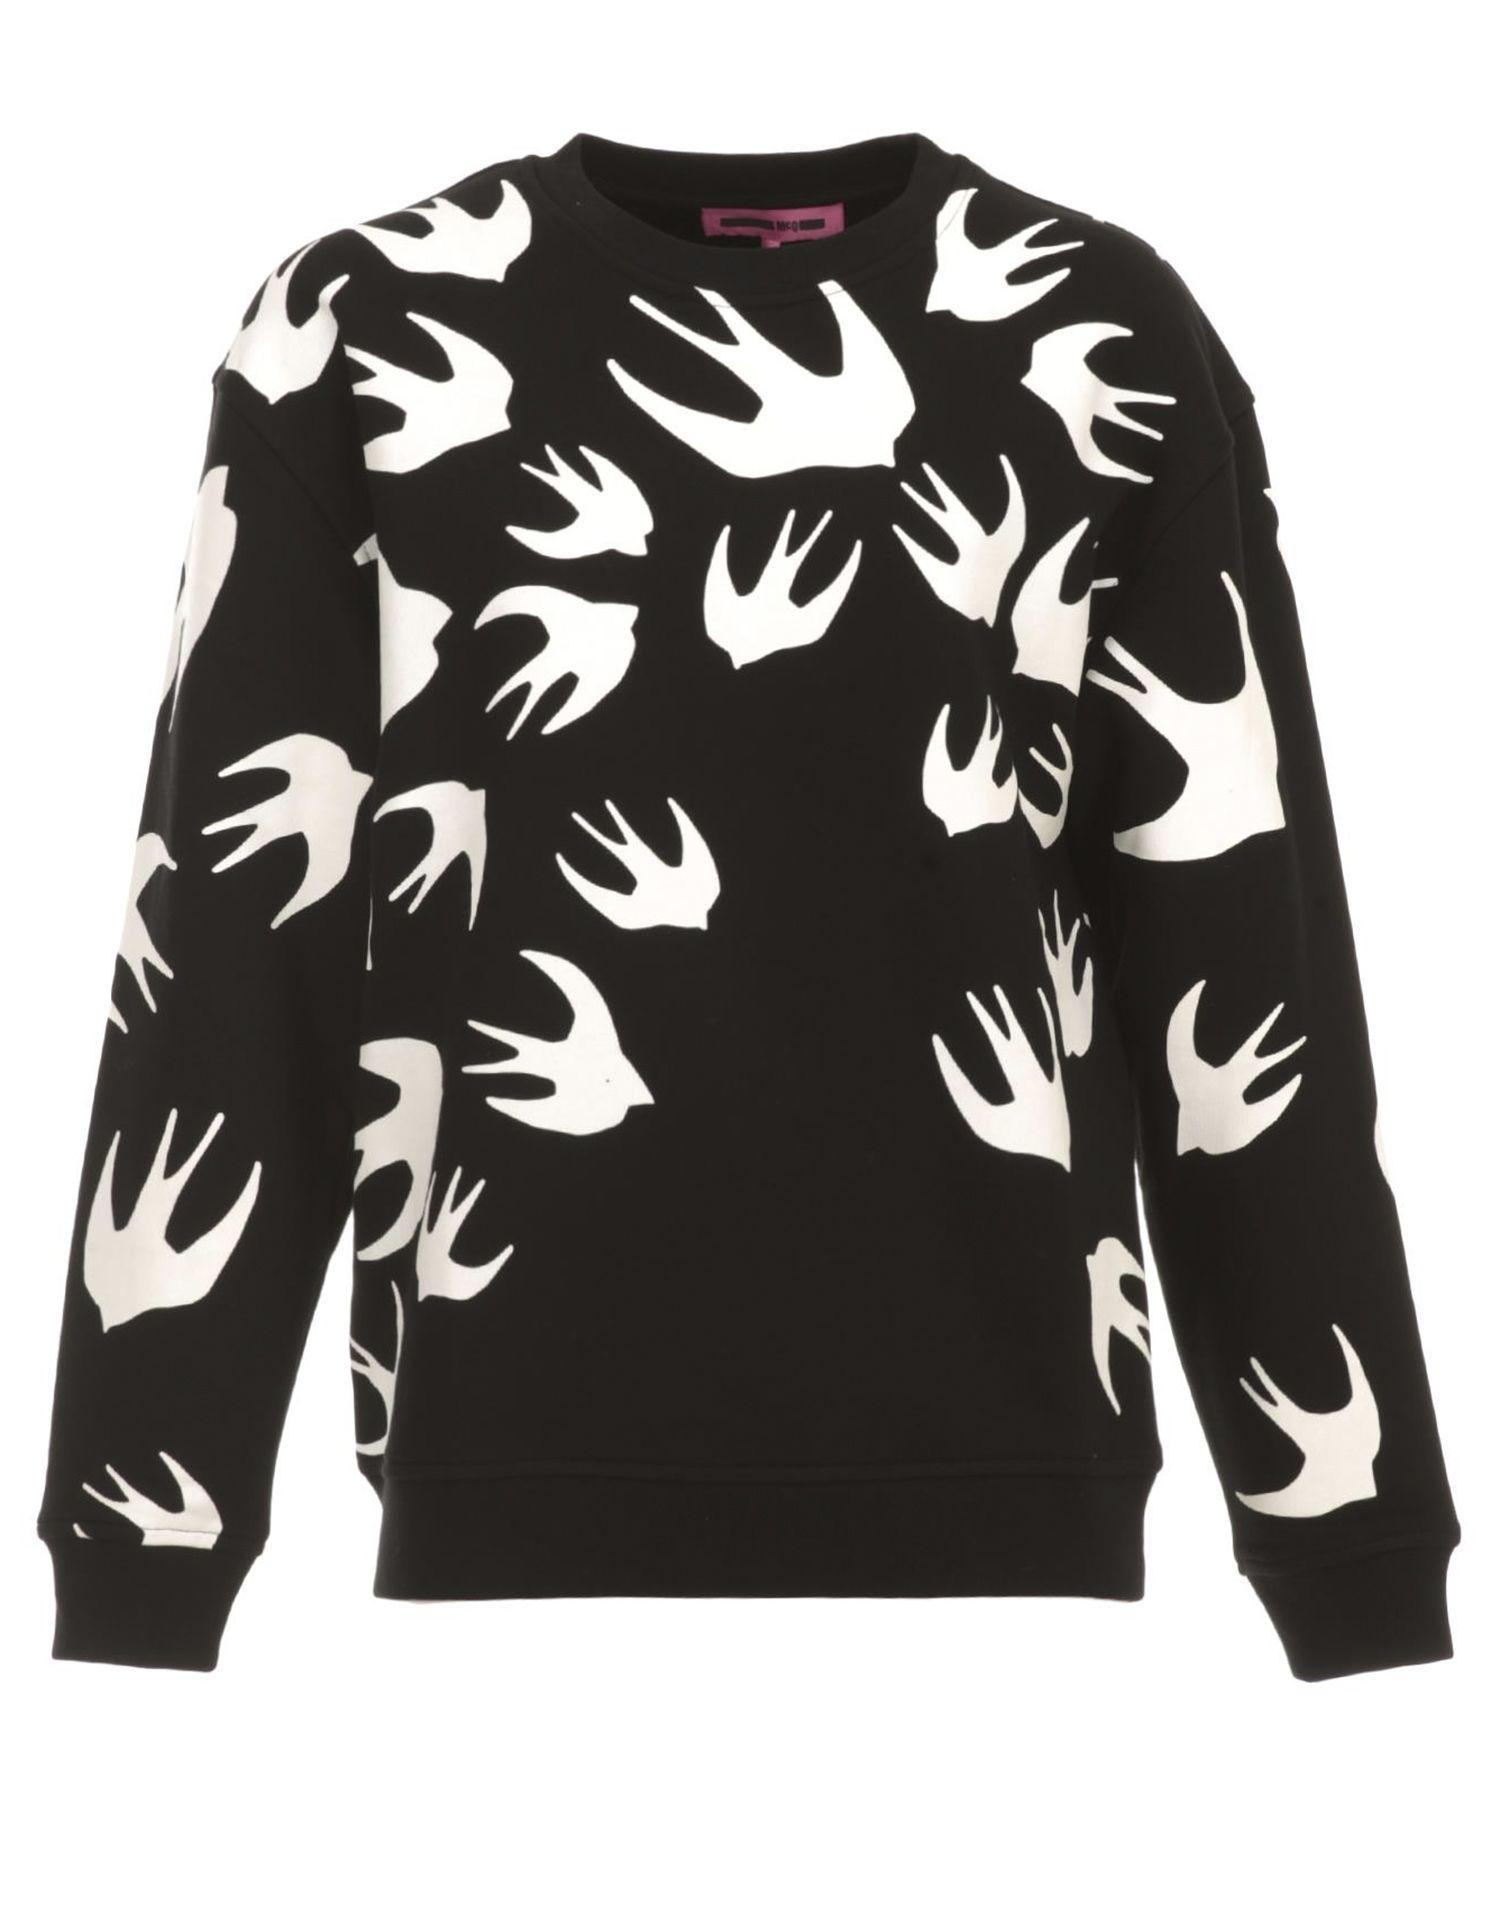 McQ Alexander McQueen Swallow Swarm Sweatshirt